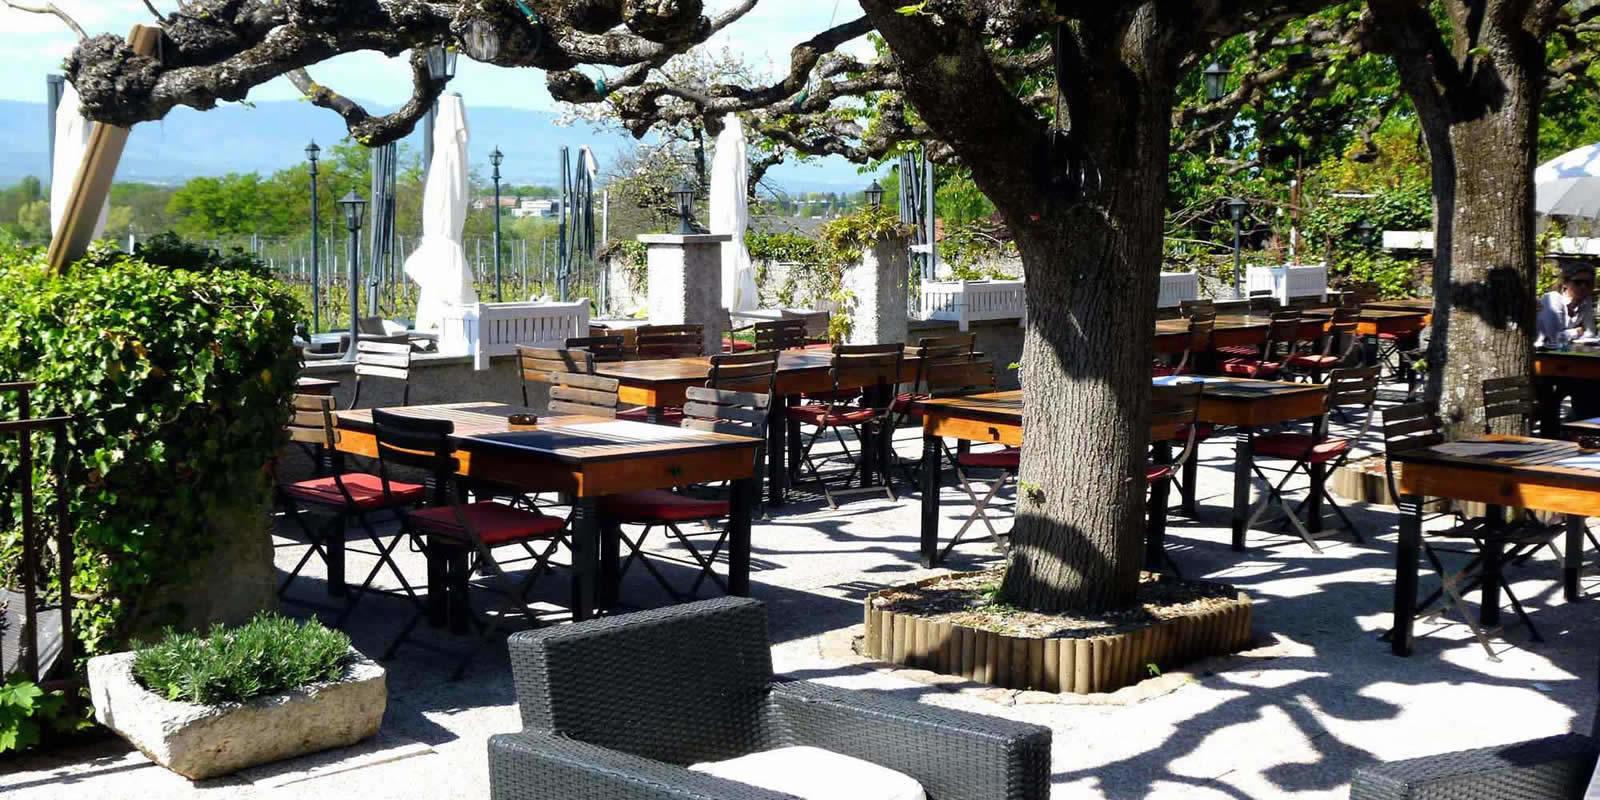 Restaurant l 39 auberge du cheval blanc gen ve cuisine de - Restaurant cuisine moleculaire suisse ...